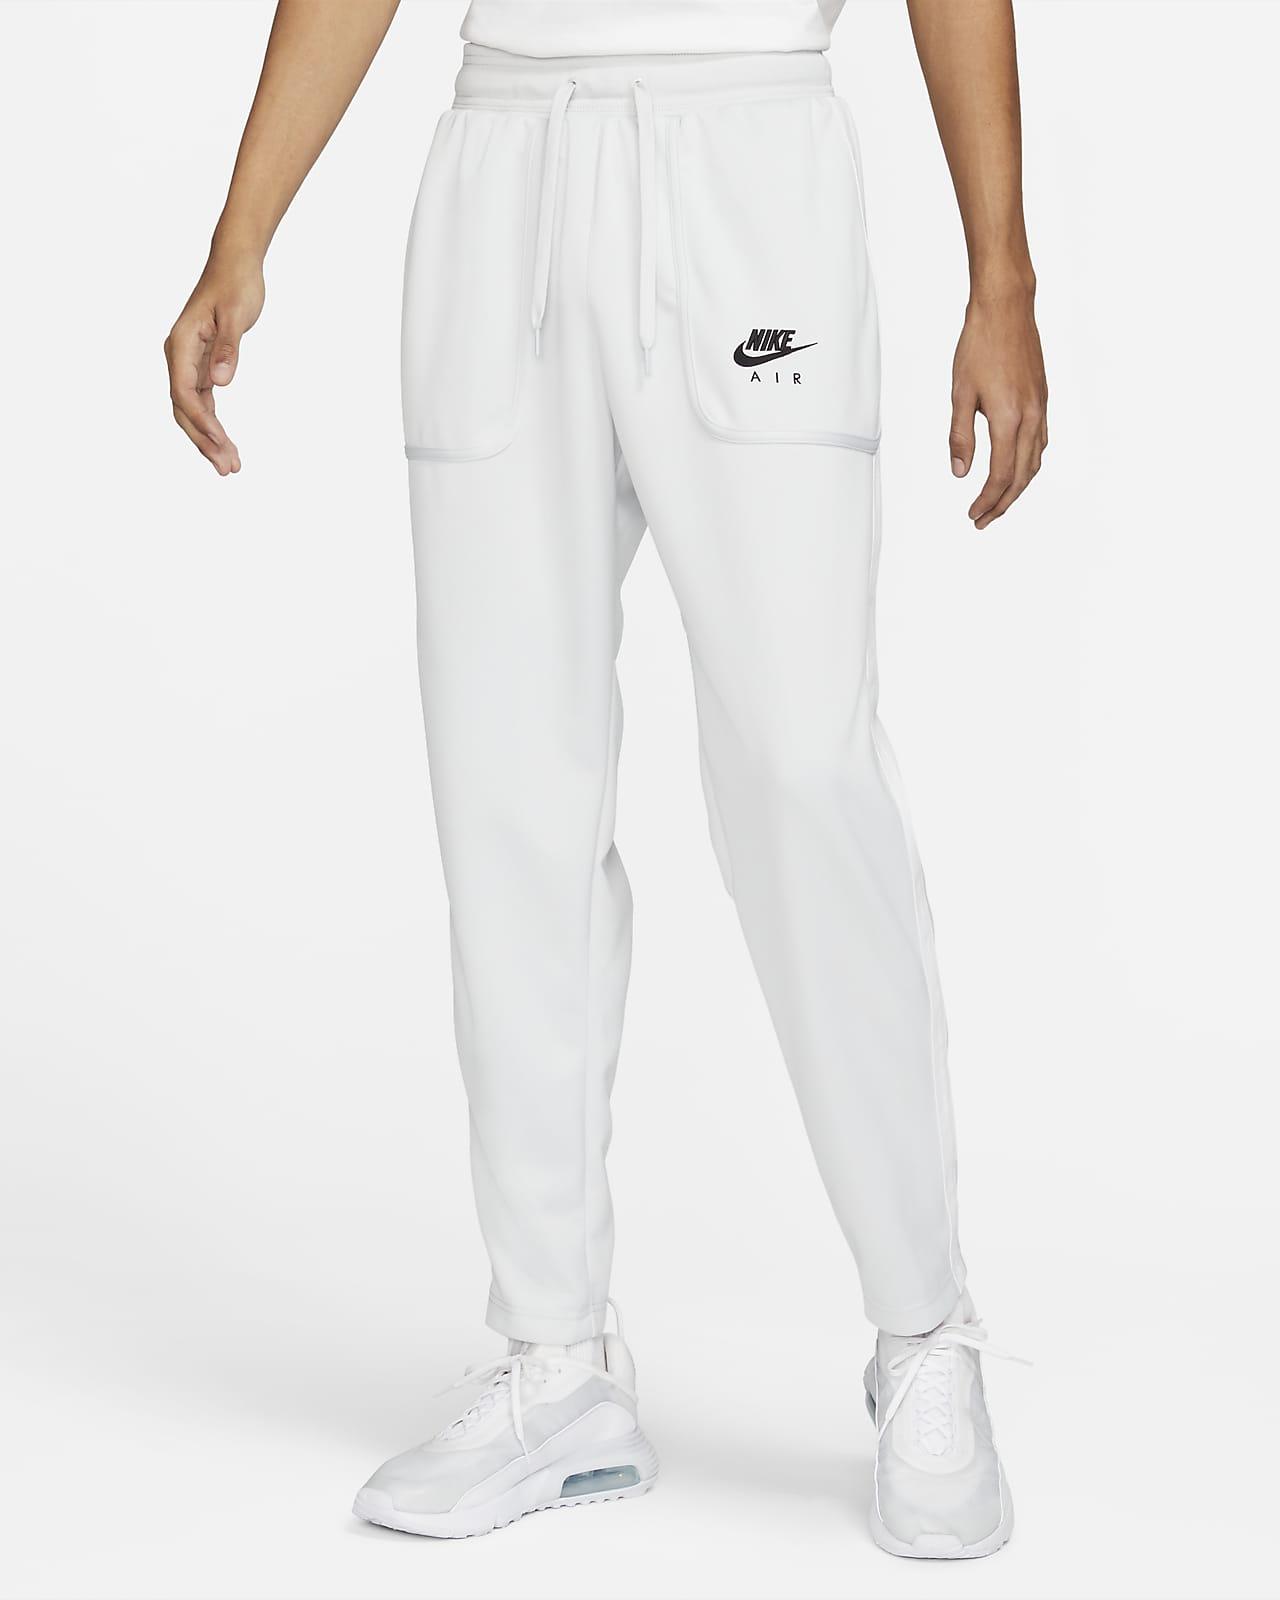 Мужские брюки Nike Air